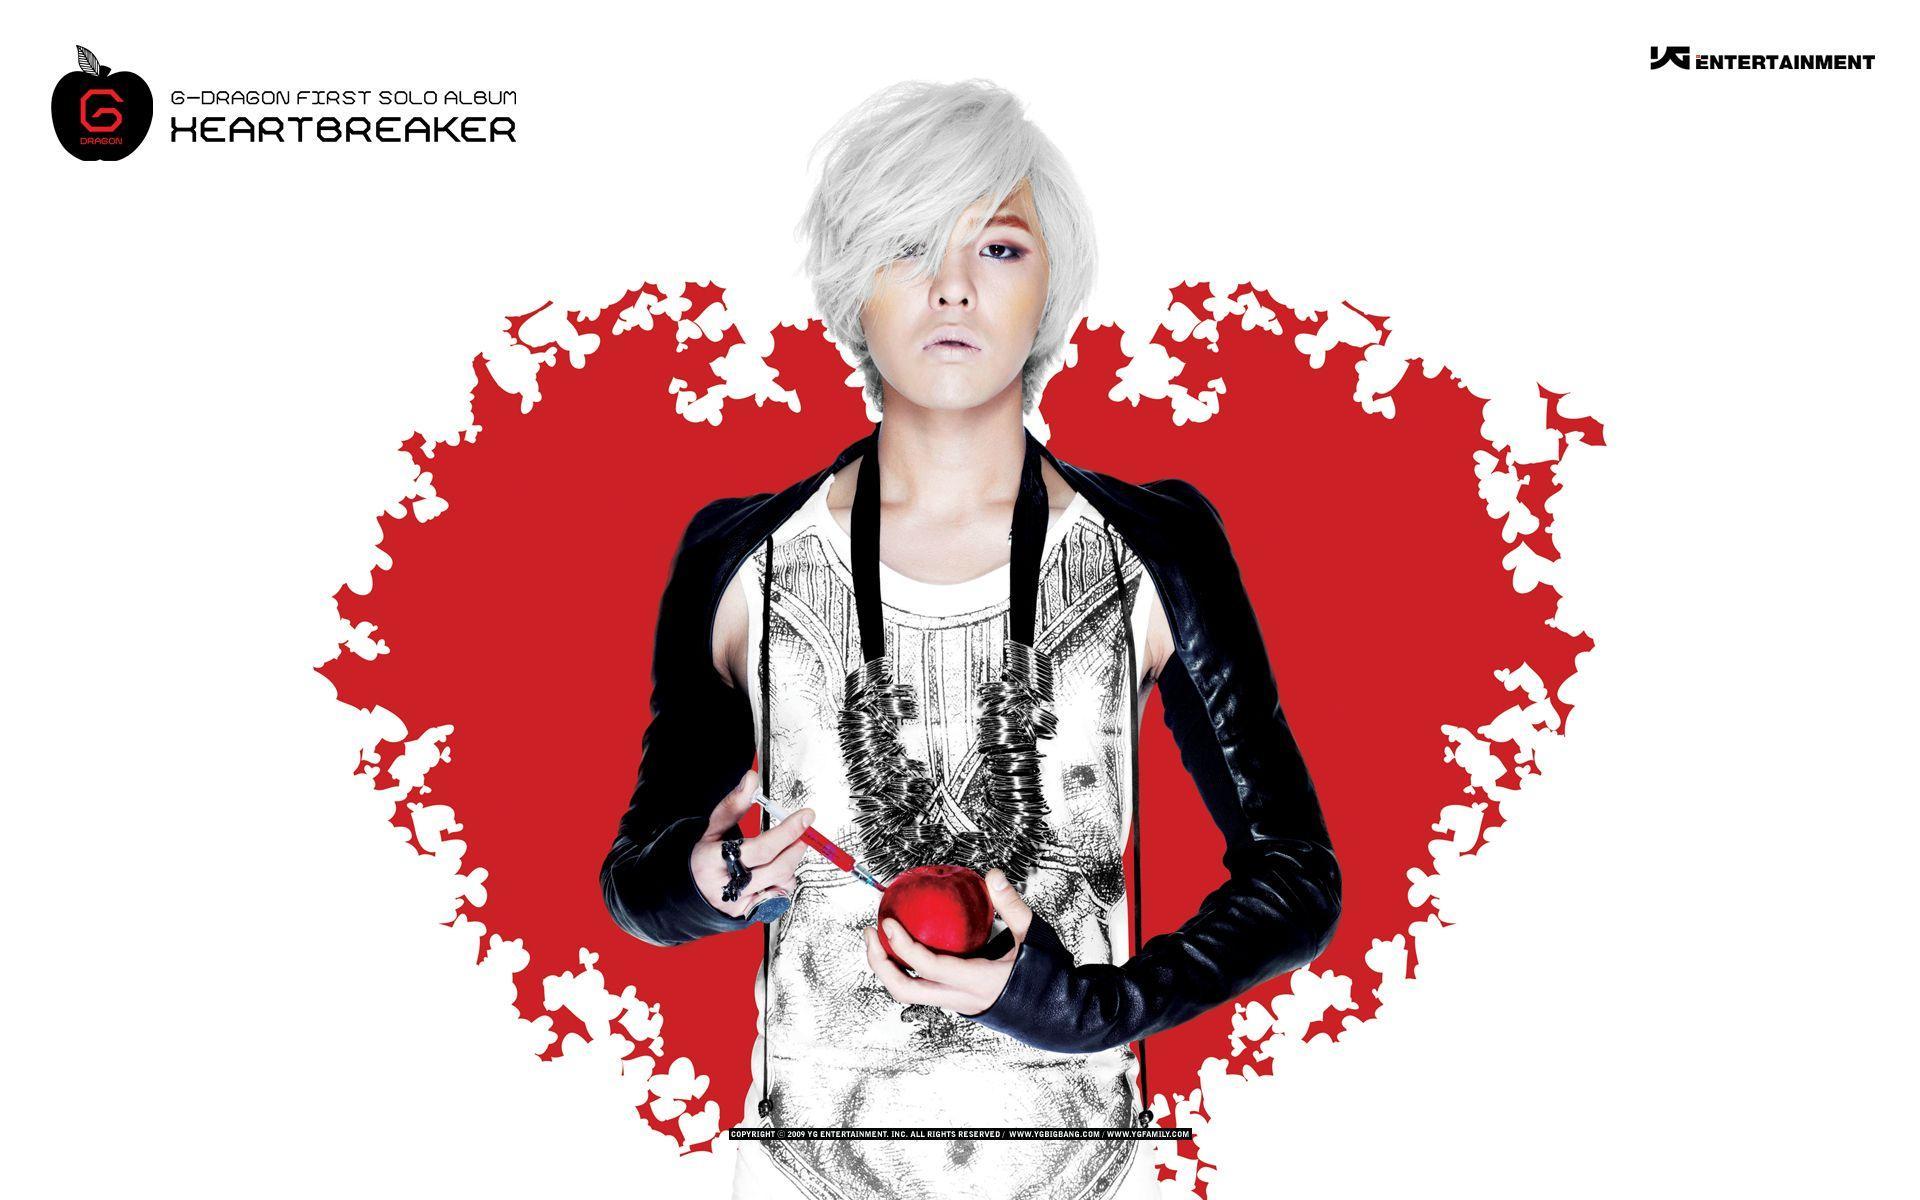 G Dragon Heartbreaker Wallpaper Dragon Heartbreaker Wa...